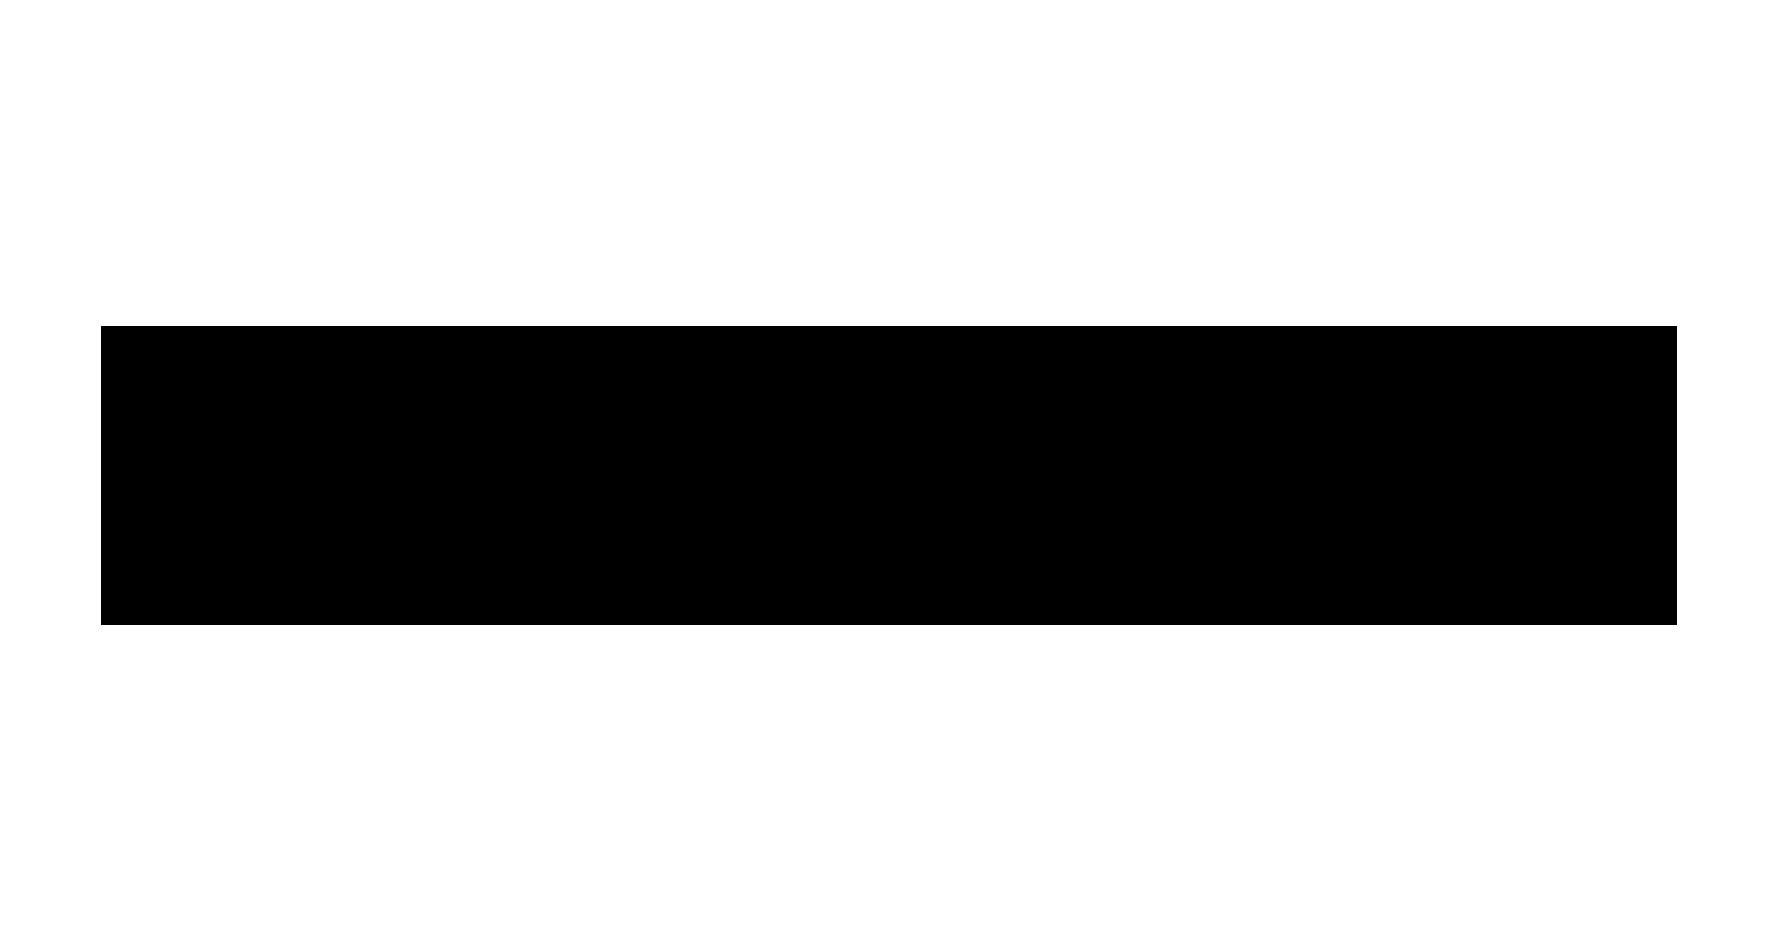 logo_allblack.png